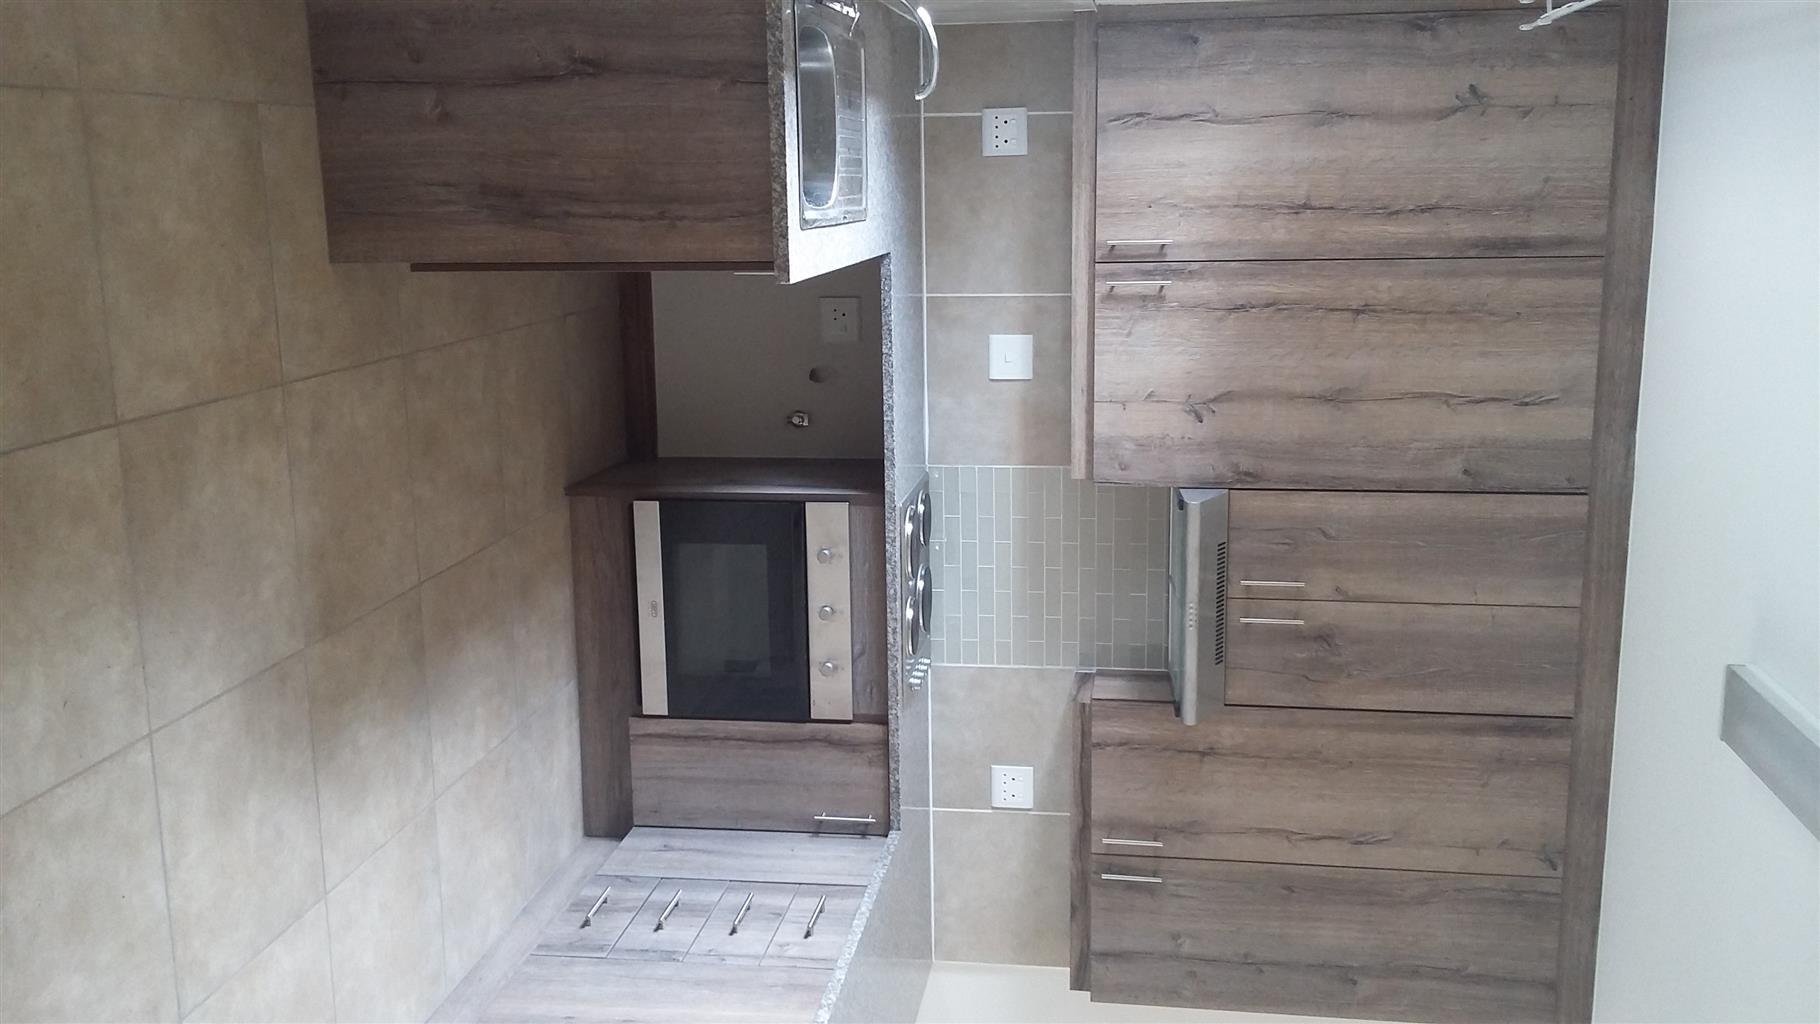 Eastlands Mature Lifestyle Estate One bedroom for sale